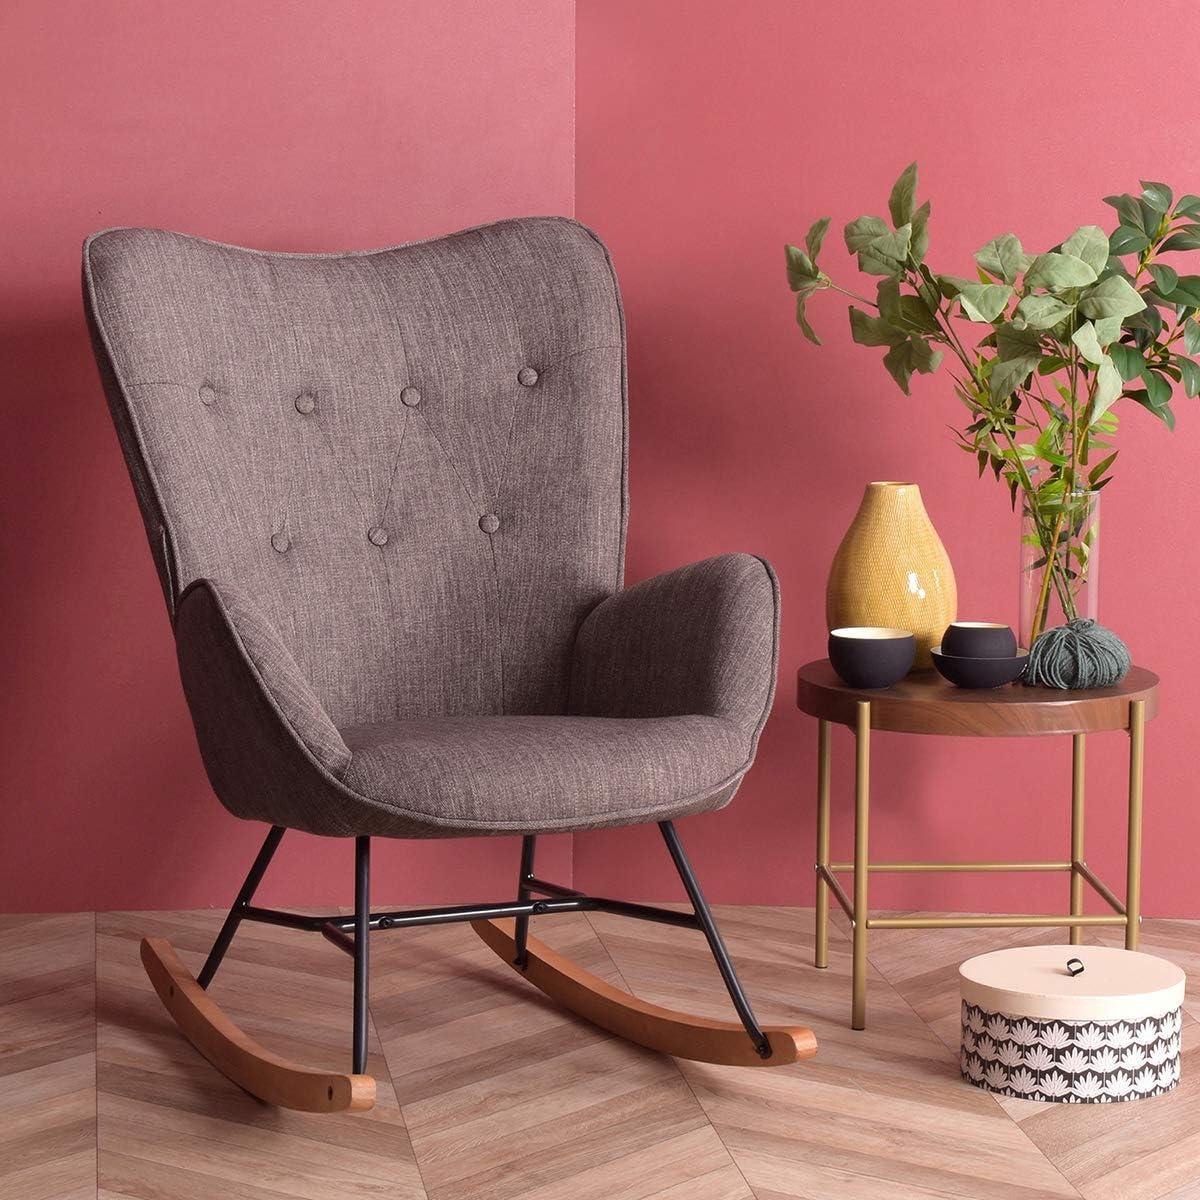 Mecedora con diseño muy cómodo con respaldo alto y reposabrazos, moderna silla de salón para dormitorio, color gris